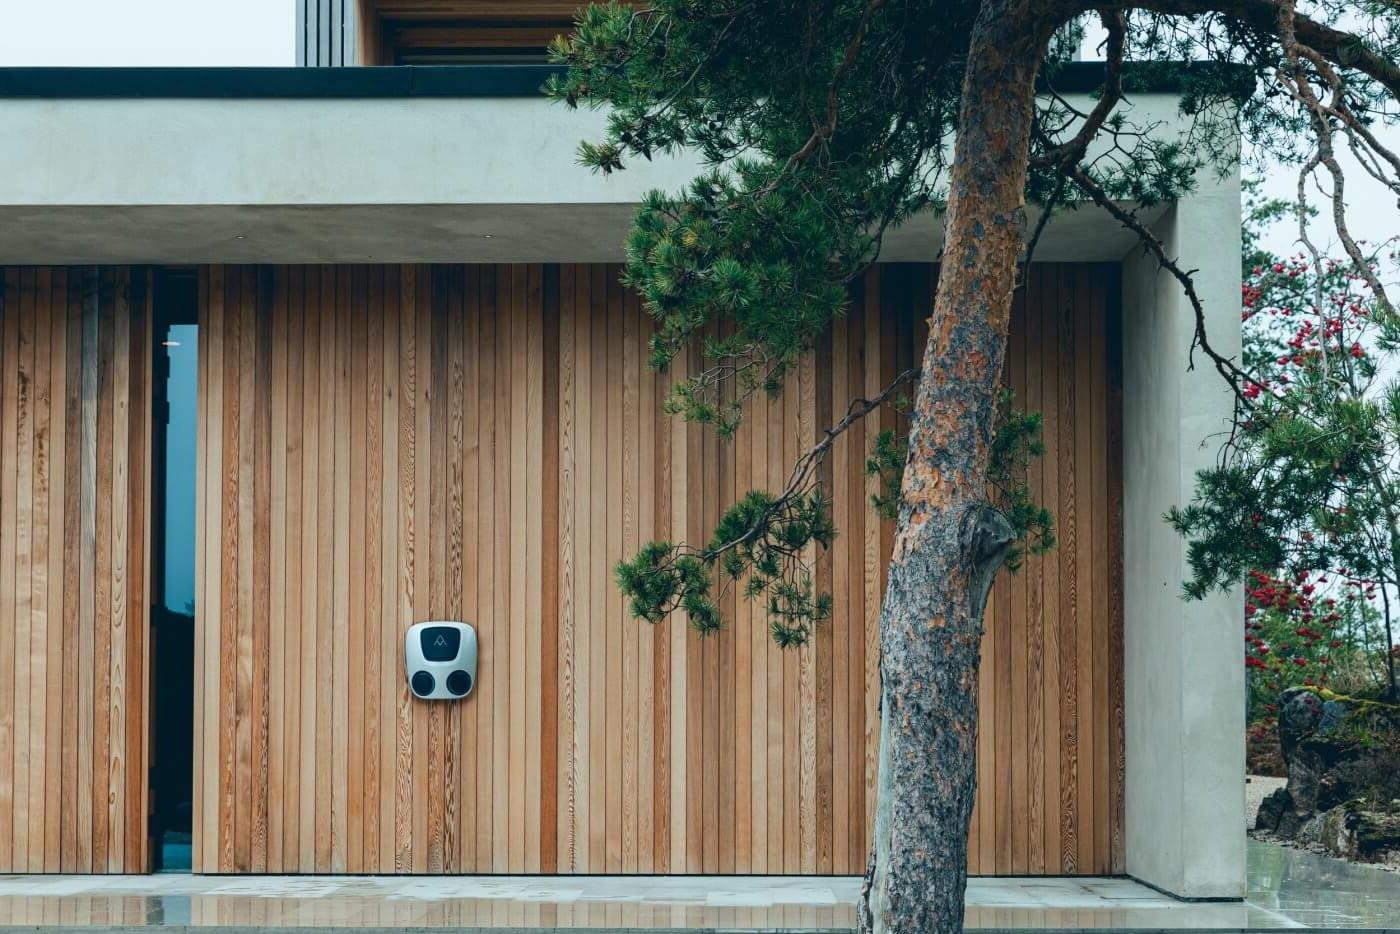 liten og kompakt elbillader med to uttak montert på moderne husvegg i treverk og betong med furutre i forgrunnen.